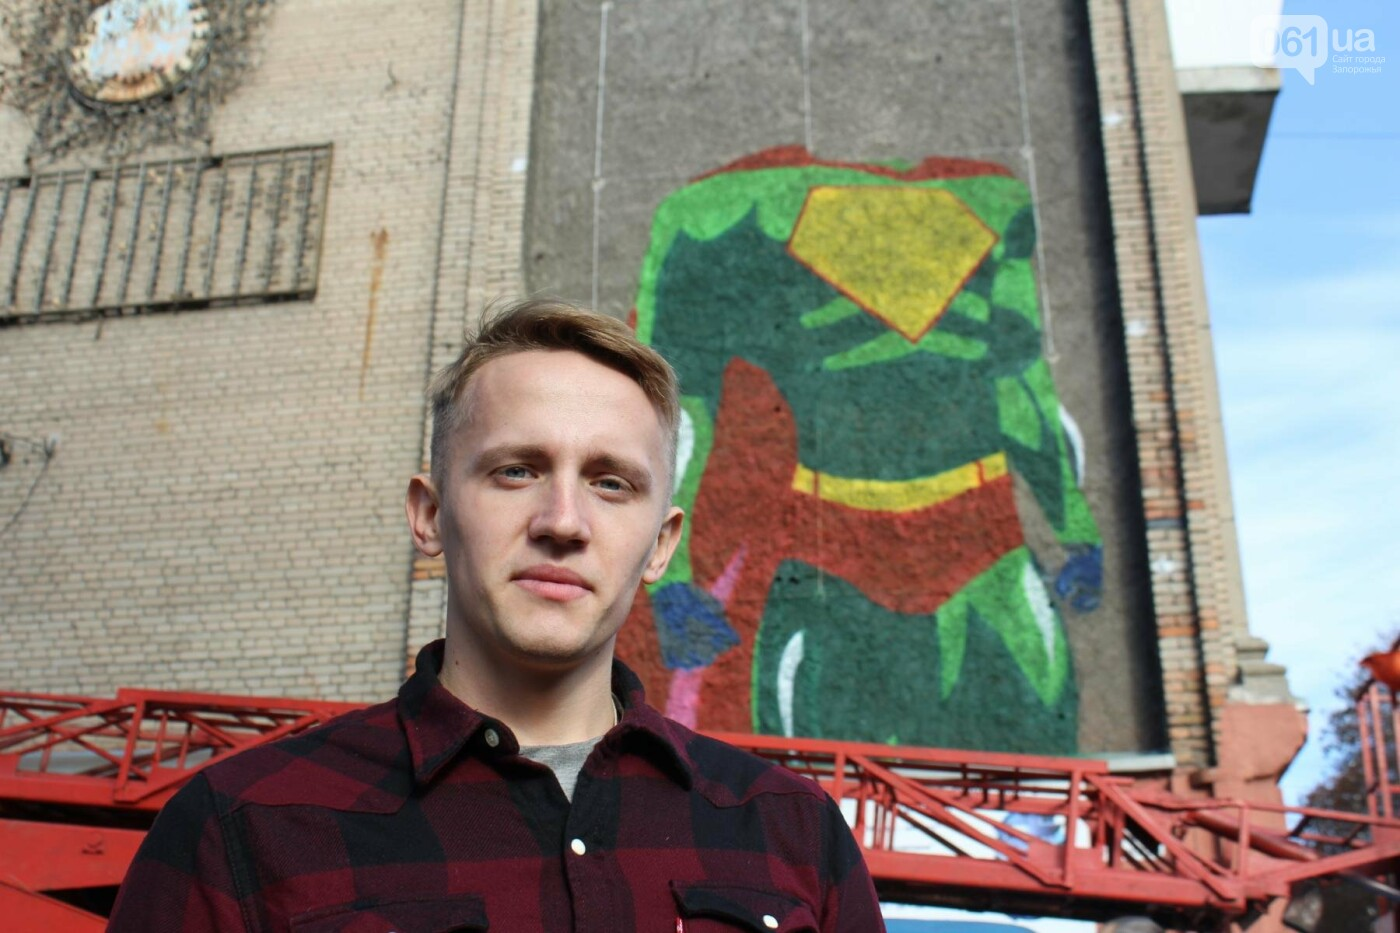 В студгородке создали огромный мурал с запорожским суперменом, — ФОТОРЕПОРТАЖ, фото-9